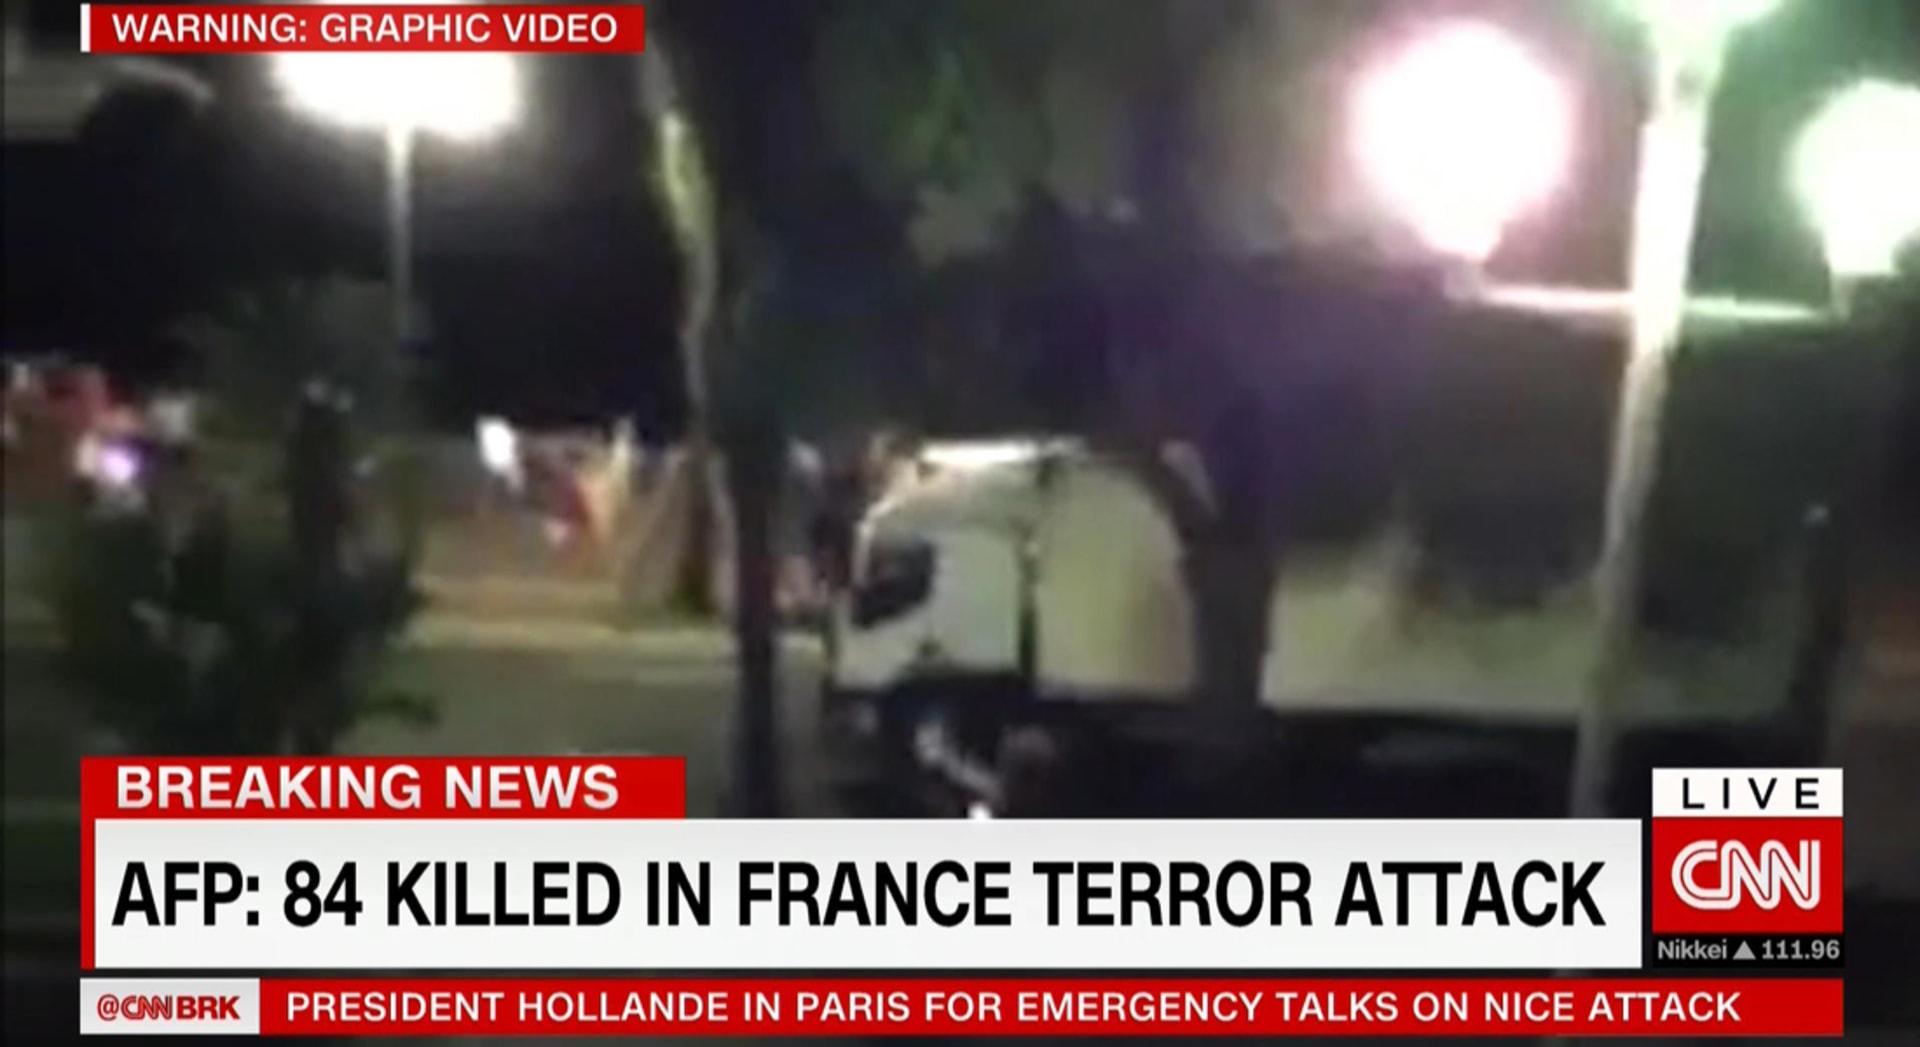 بيتر بيرغن لـCNN: استعمال الشاحنات بالهجمات الإرهابية ليس جديدا ومستخدم بالقاعدة وداعش